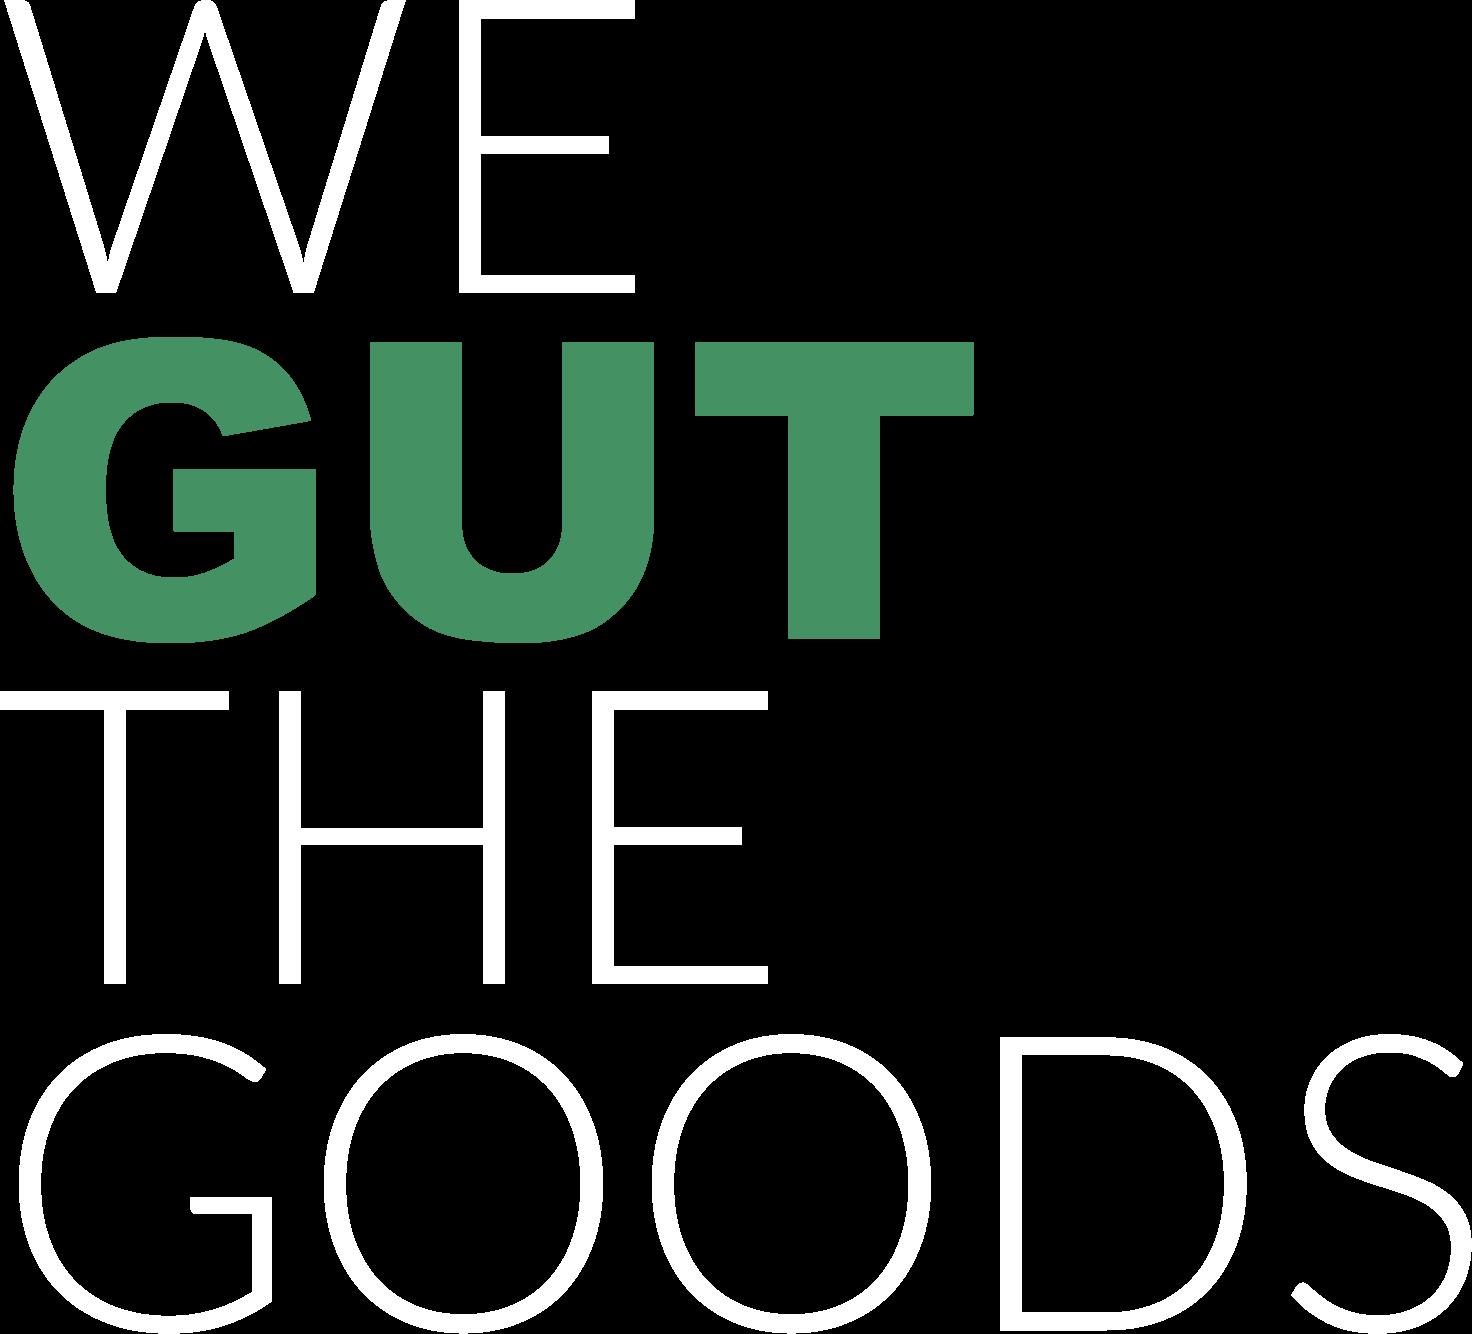 We Gut the Goods